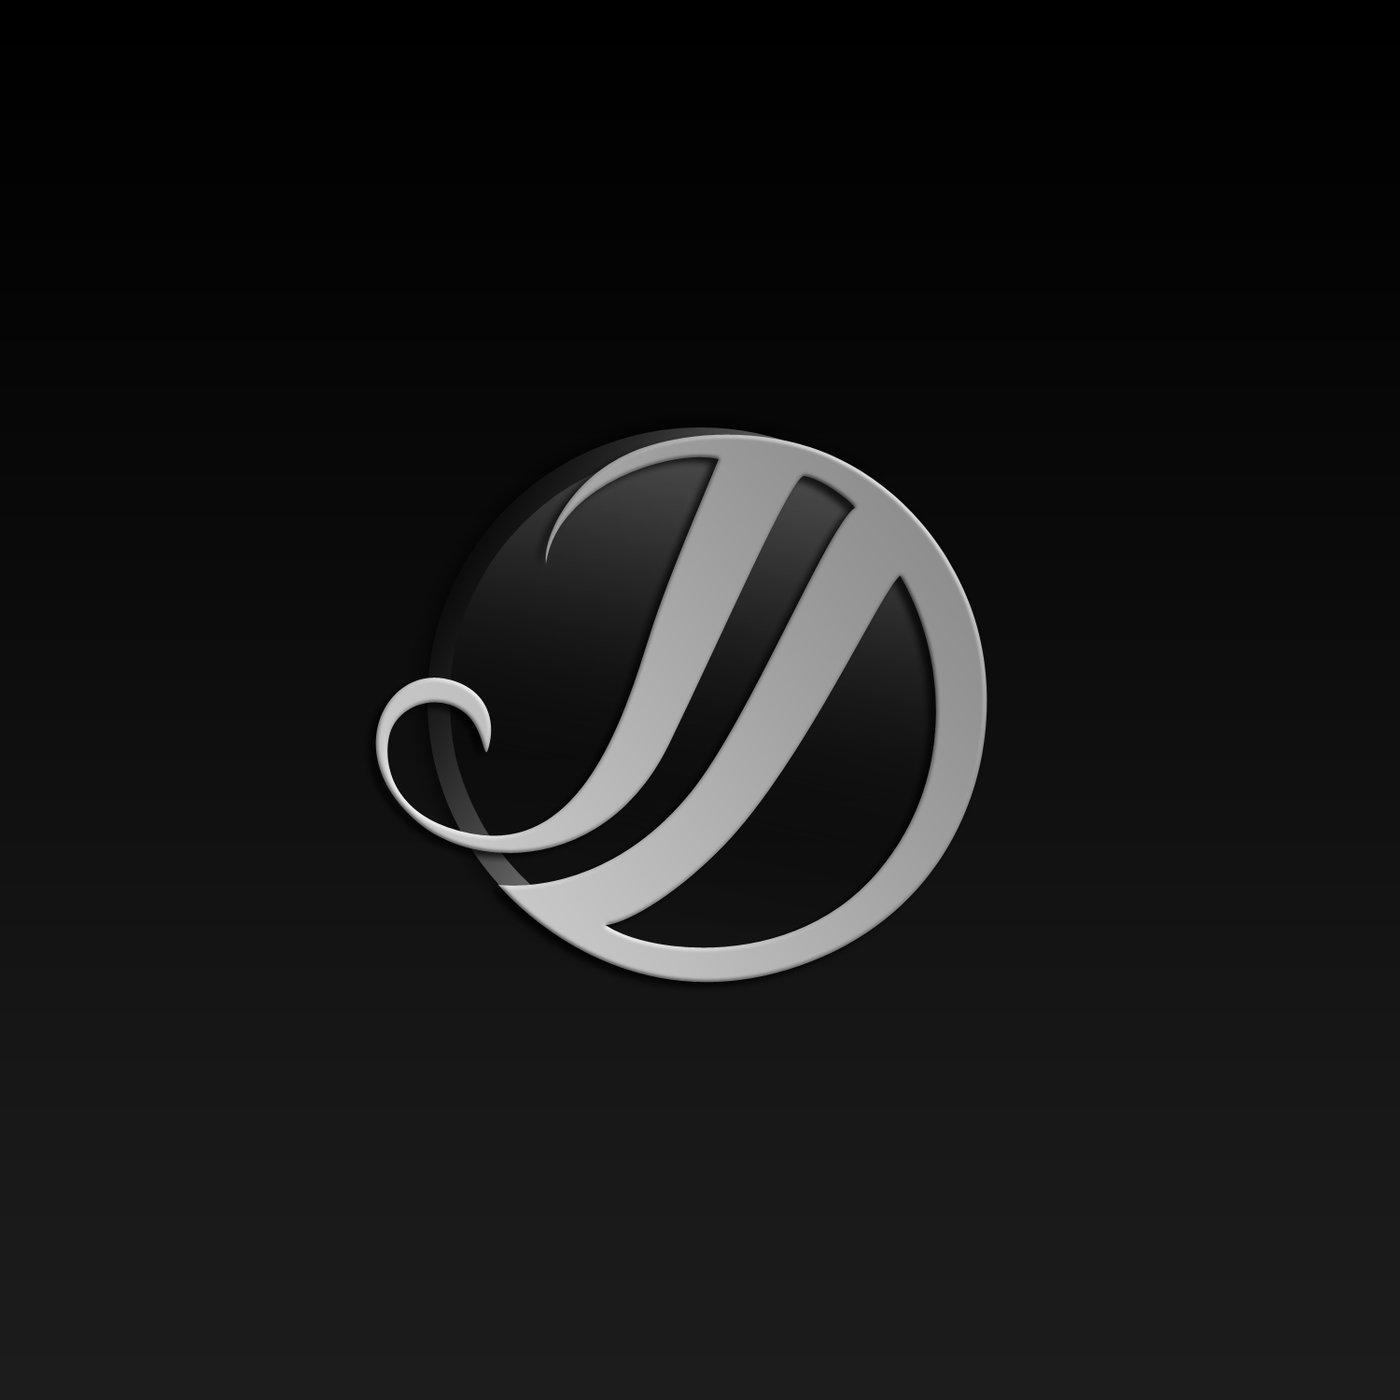 logo design jd photography by mariya brachkova at coroflot com logo design jd photography by mariya